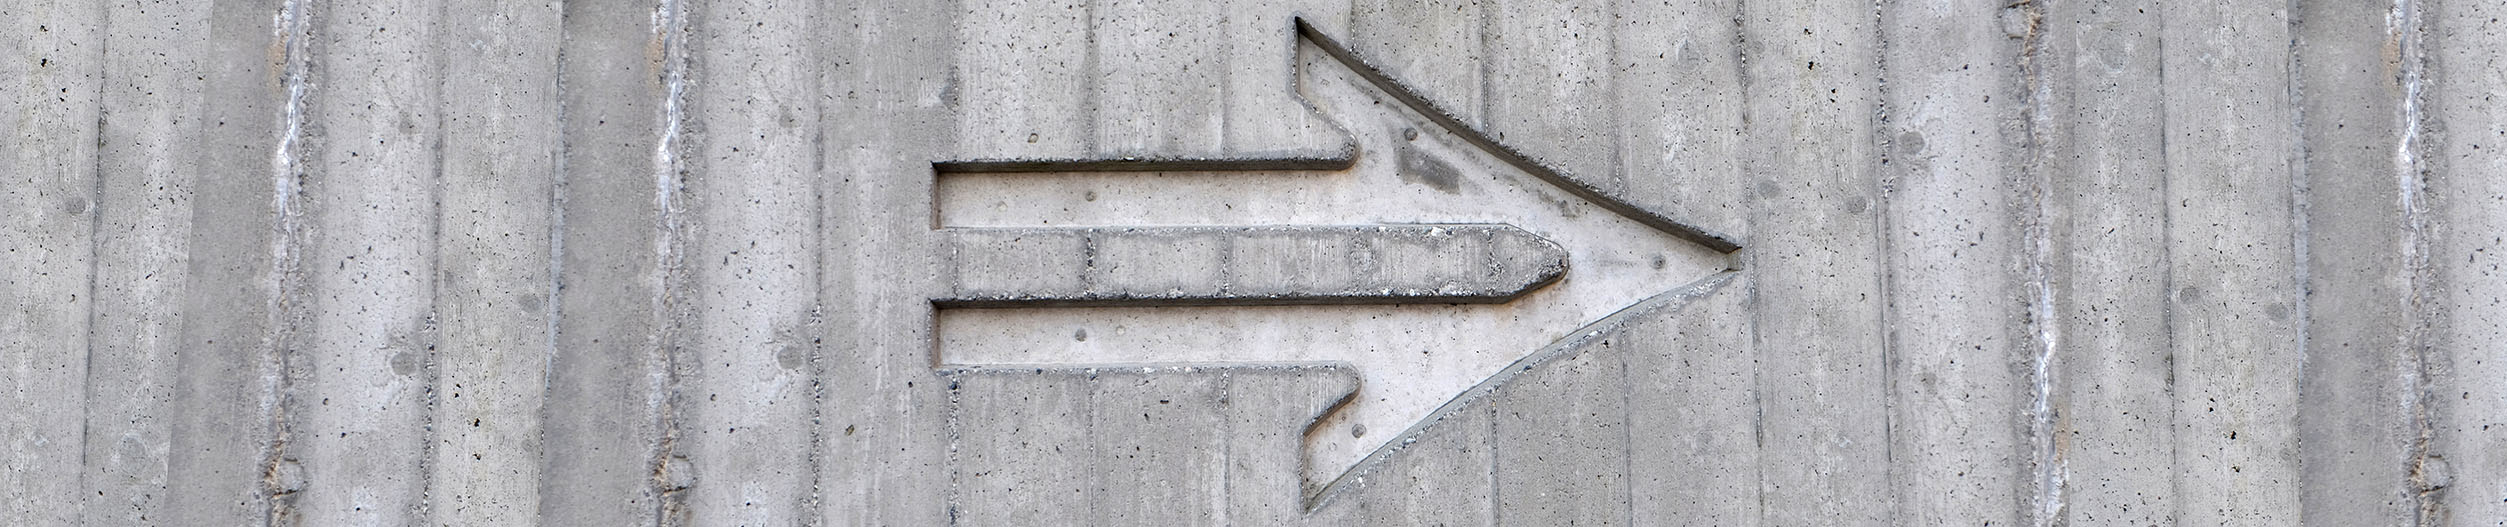 webagentur-mw - das bild zeigt einen in beton eingefräßten pfeil der nach rechts zeigt